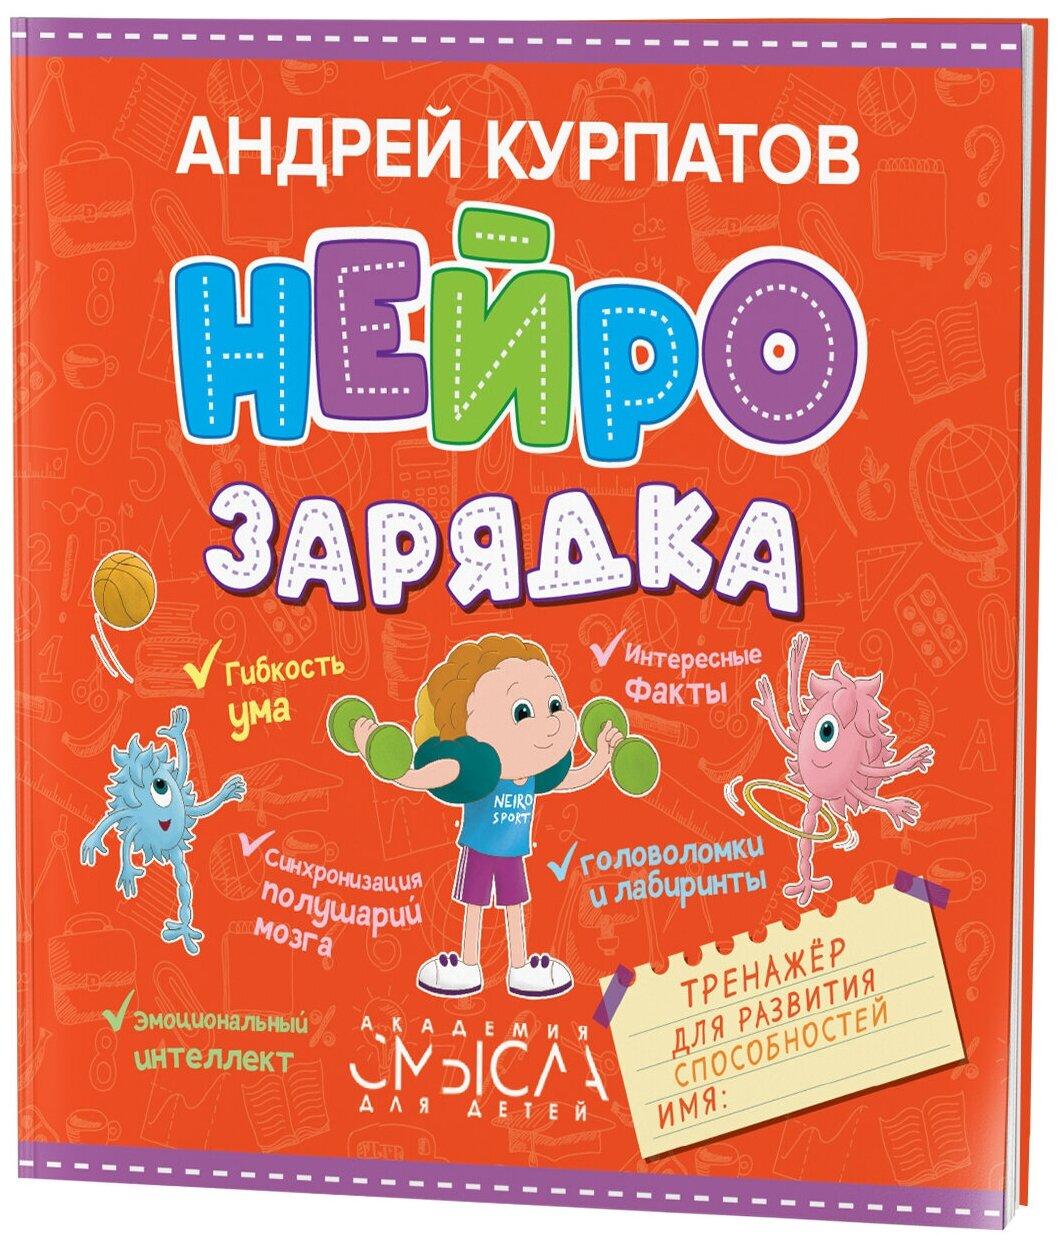 """Курпатов А.В. """"Нейрозарядка. Тренажер для развития способностей"""" — Книги с играми для детей — купить по выгодной цене на Яндекс.Маркете"""